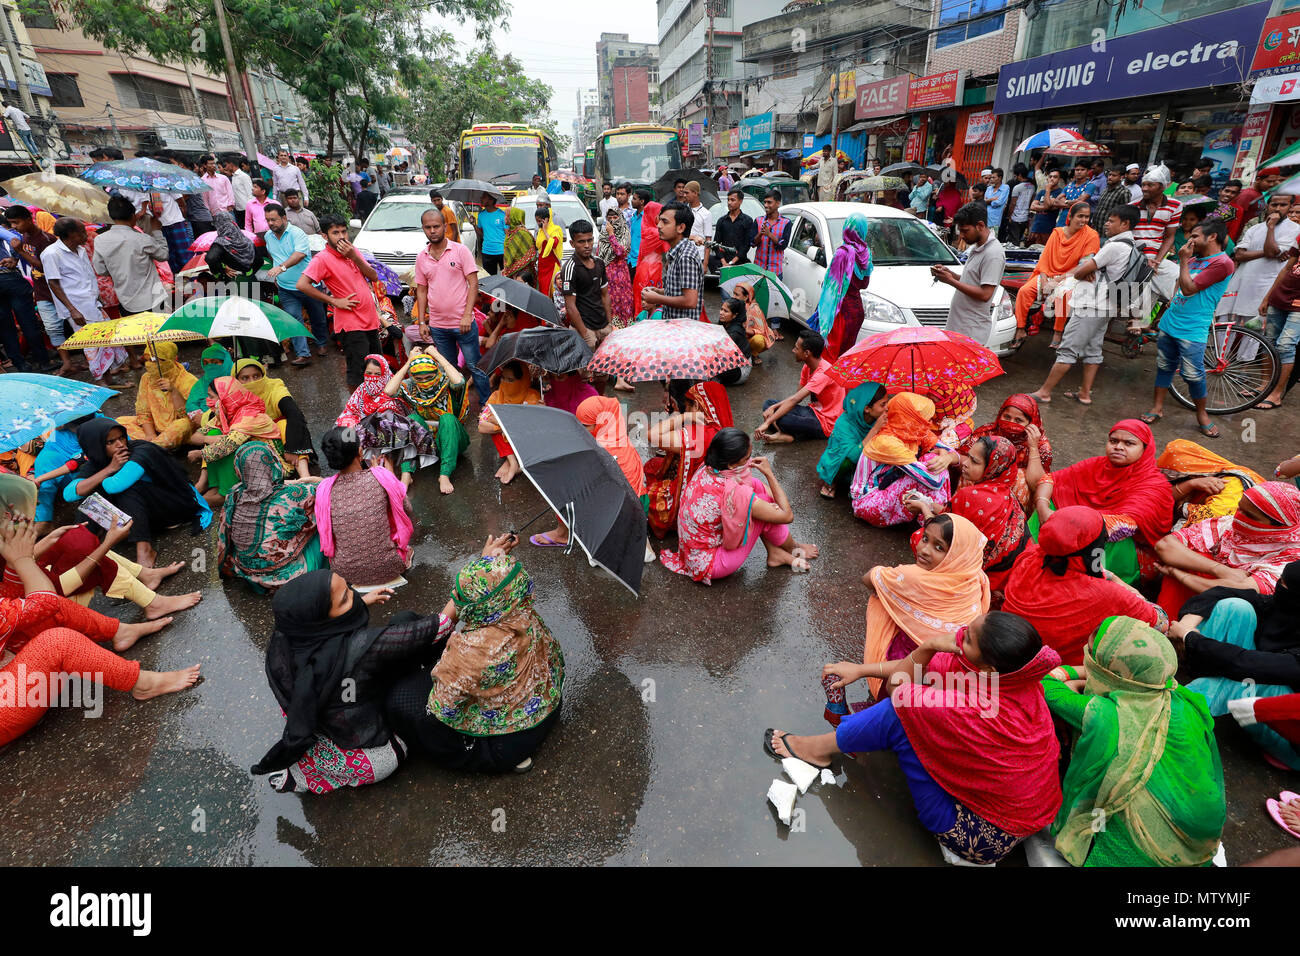 Dhaka, Bangladesh - Mayo 31, 2018: Los trabajadores de prendas Ashiana bloquear la carretera de Rampura en Dhaka, exigiendo el pago de sus salarios y dietas de atraso, Dhaka, Bangladesh, 31 de mayo de 2018. Los trabajadores de la fábrica alegado que no reciben su salario durante los últimos tres meses y ni siquiera sabe cuándo se pagaría. Además, no hay ninguna posibilidad de obtener una indemnización del festival, dijeron. Crédito: SK Hasan Ali/Alamy Live News Foto de stock